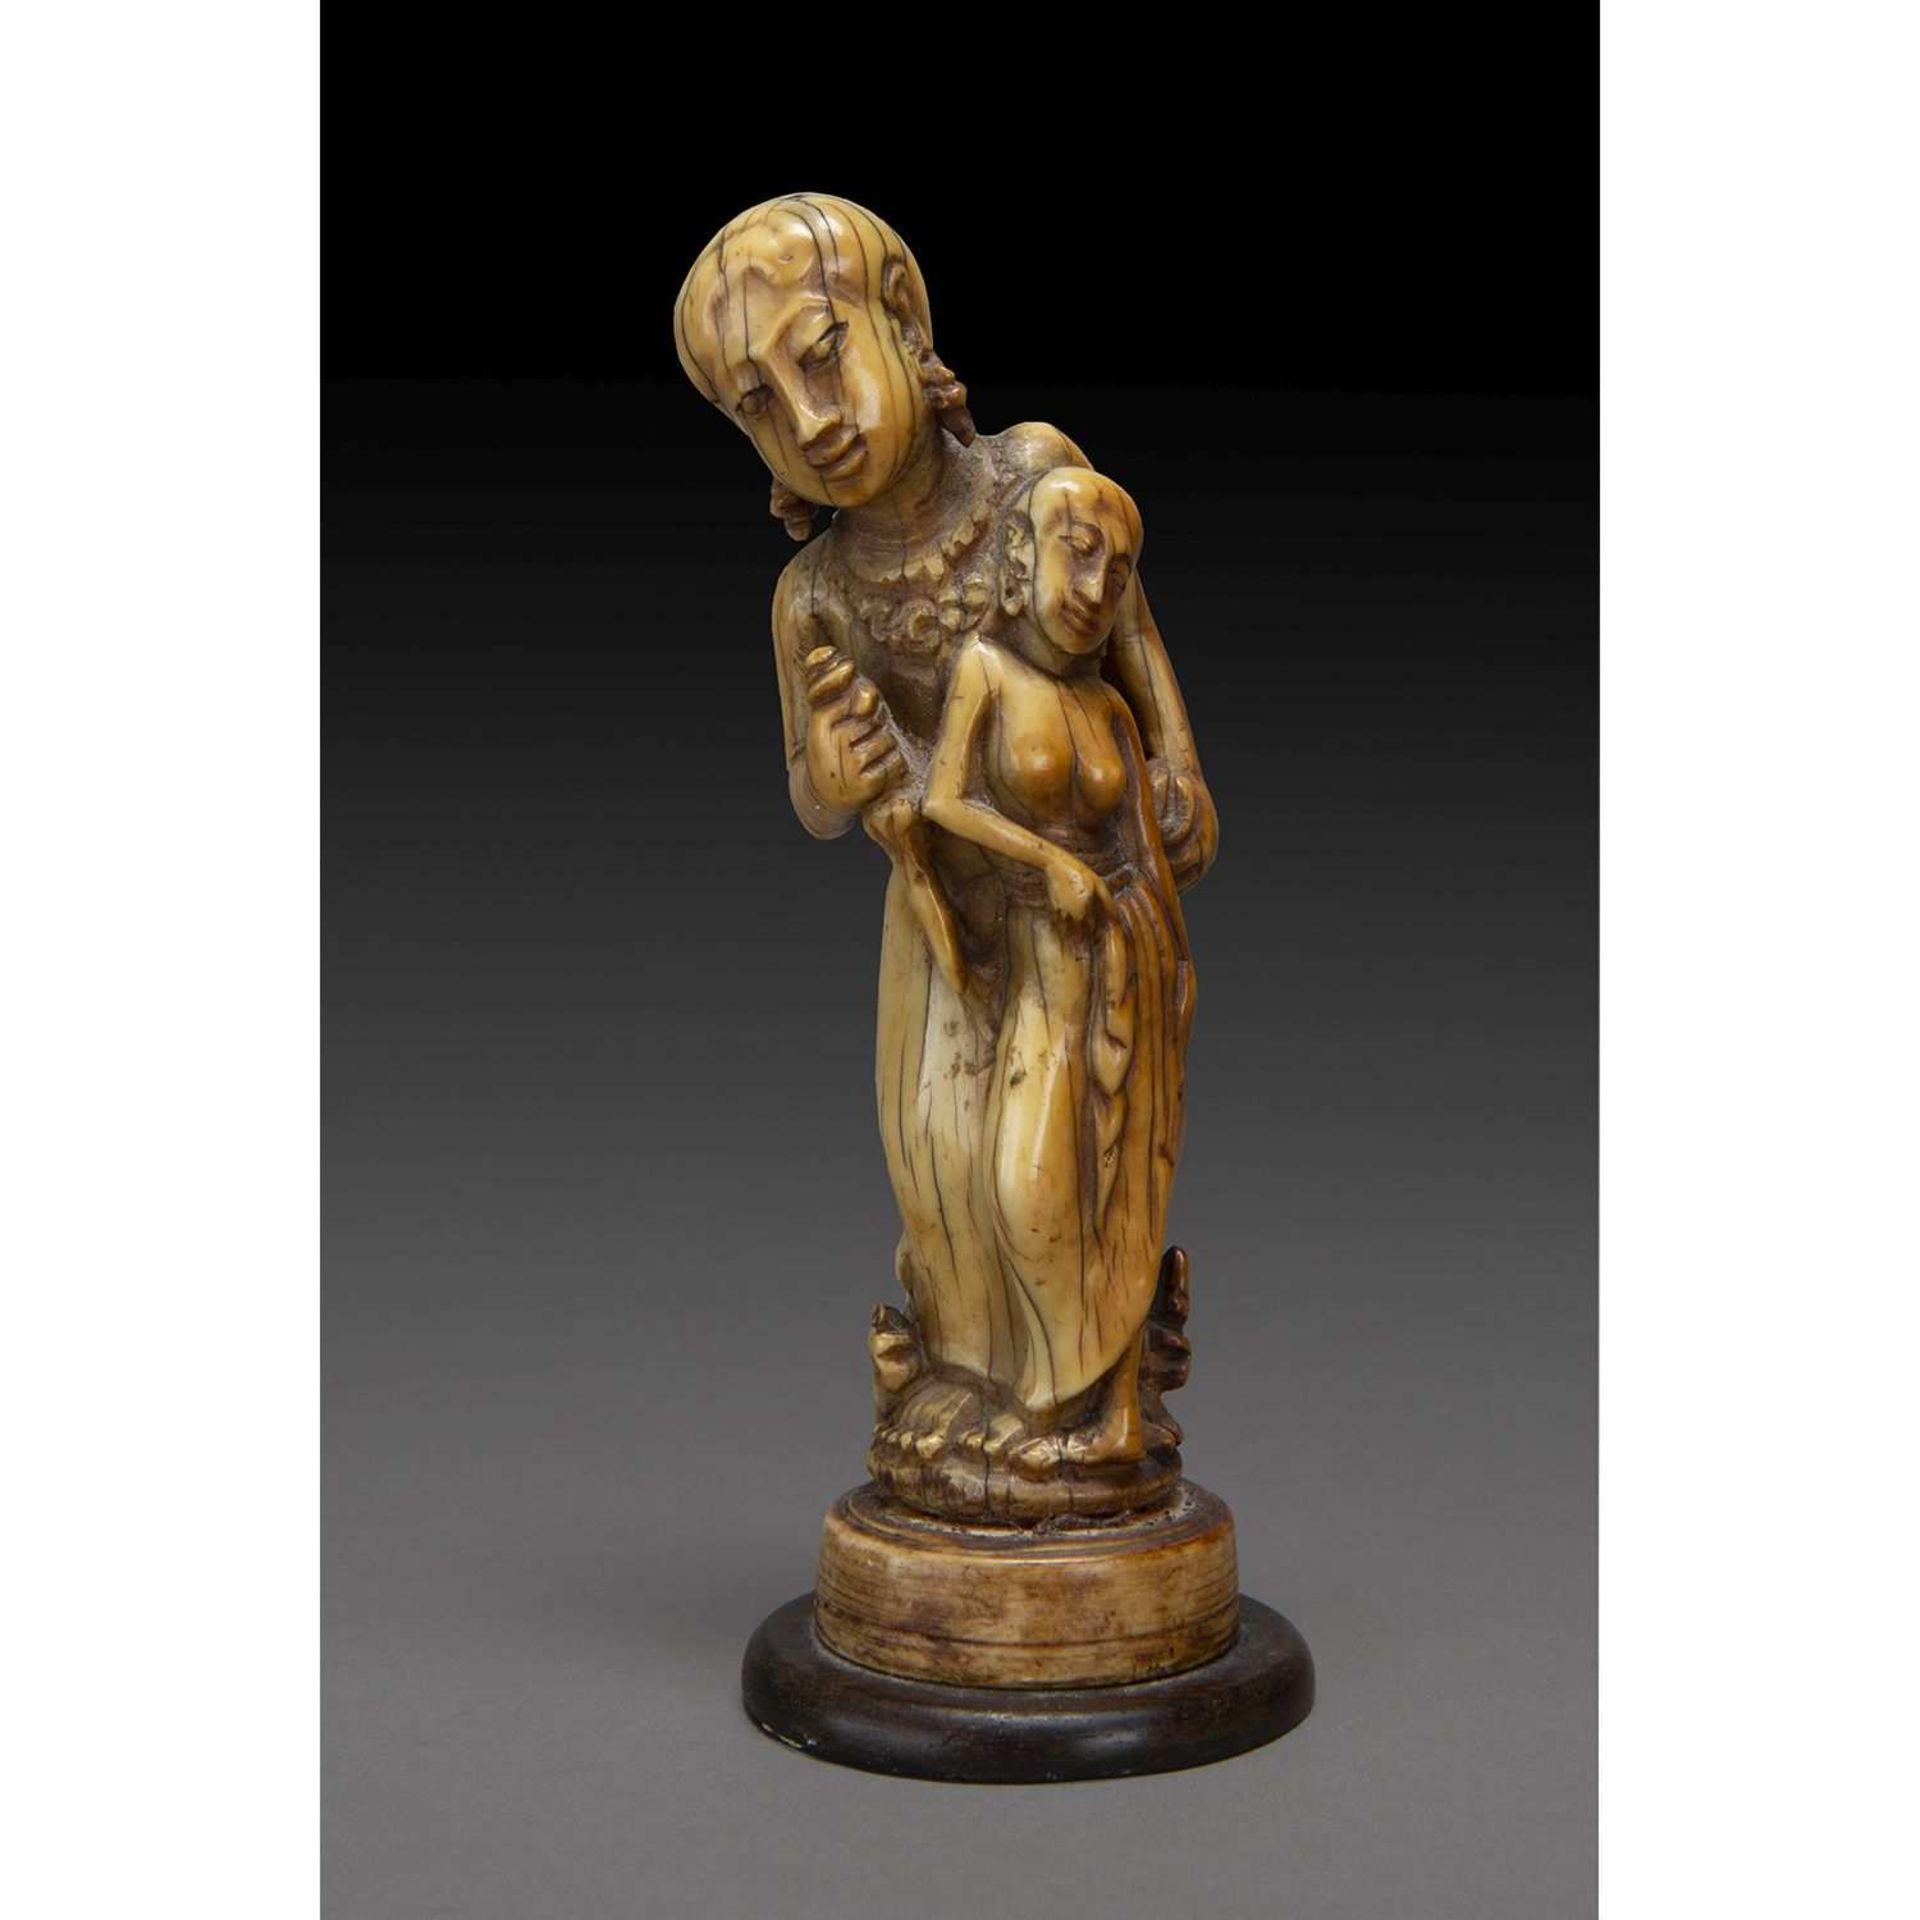 ~ STATUETTE INDIENNE en ivoire sculpté de belle patine, figurant une femme torse nu s'appuyant